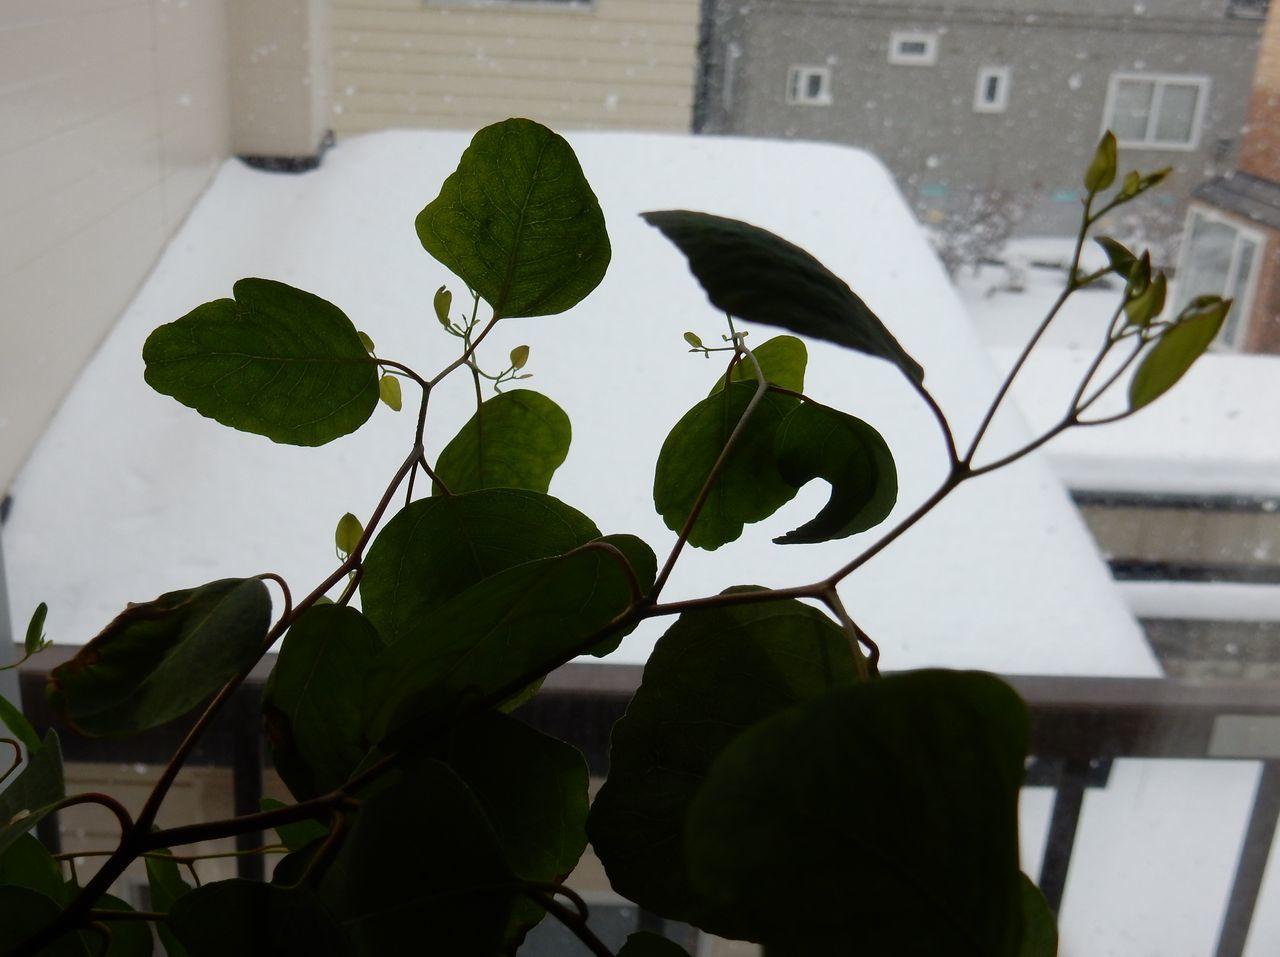 ようやく雪らしい雪が積もりました_c0025115_21180073.jpg